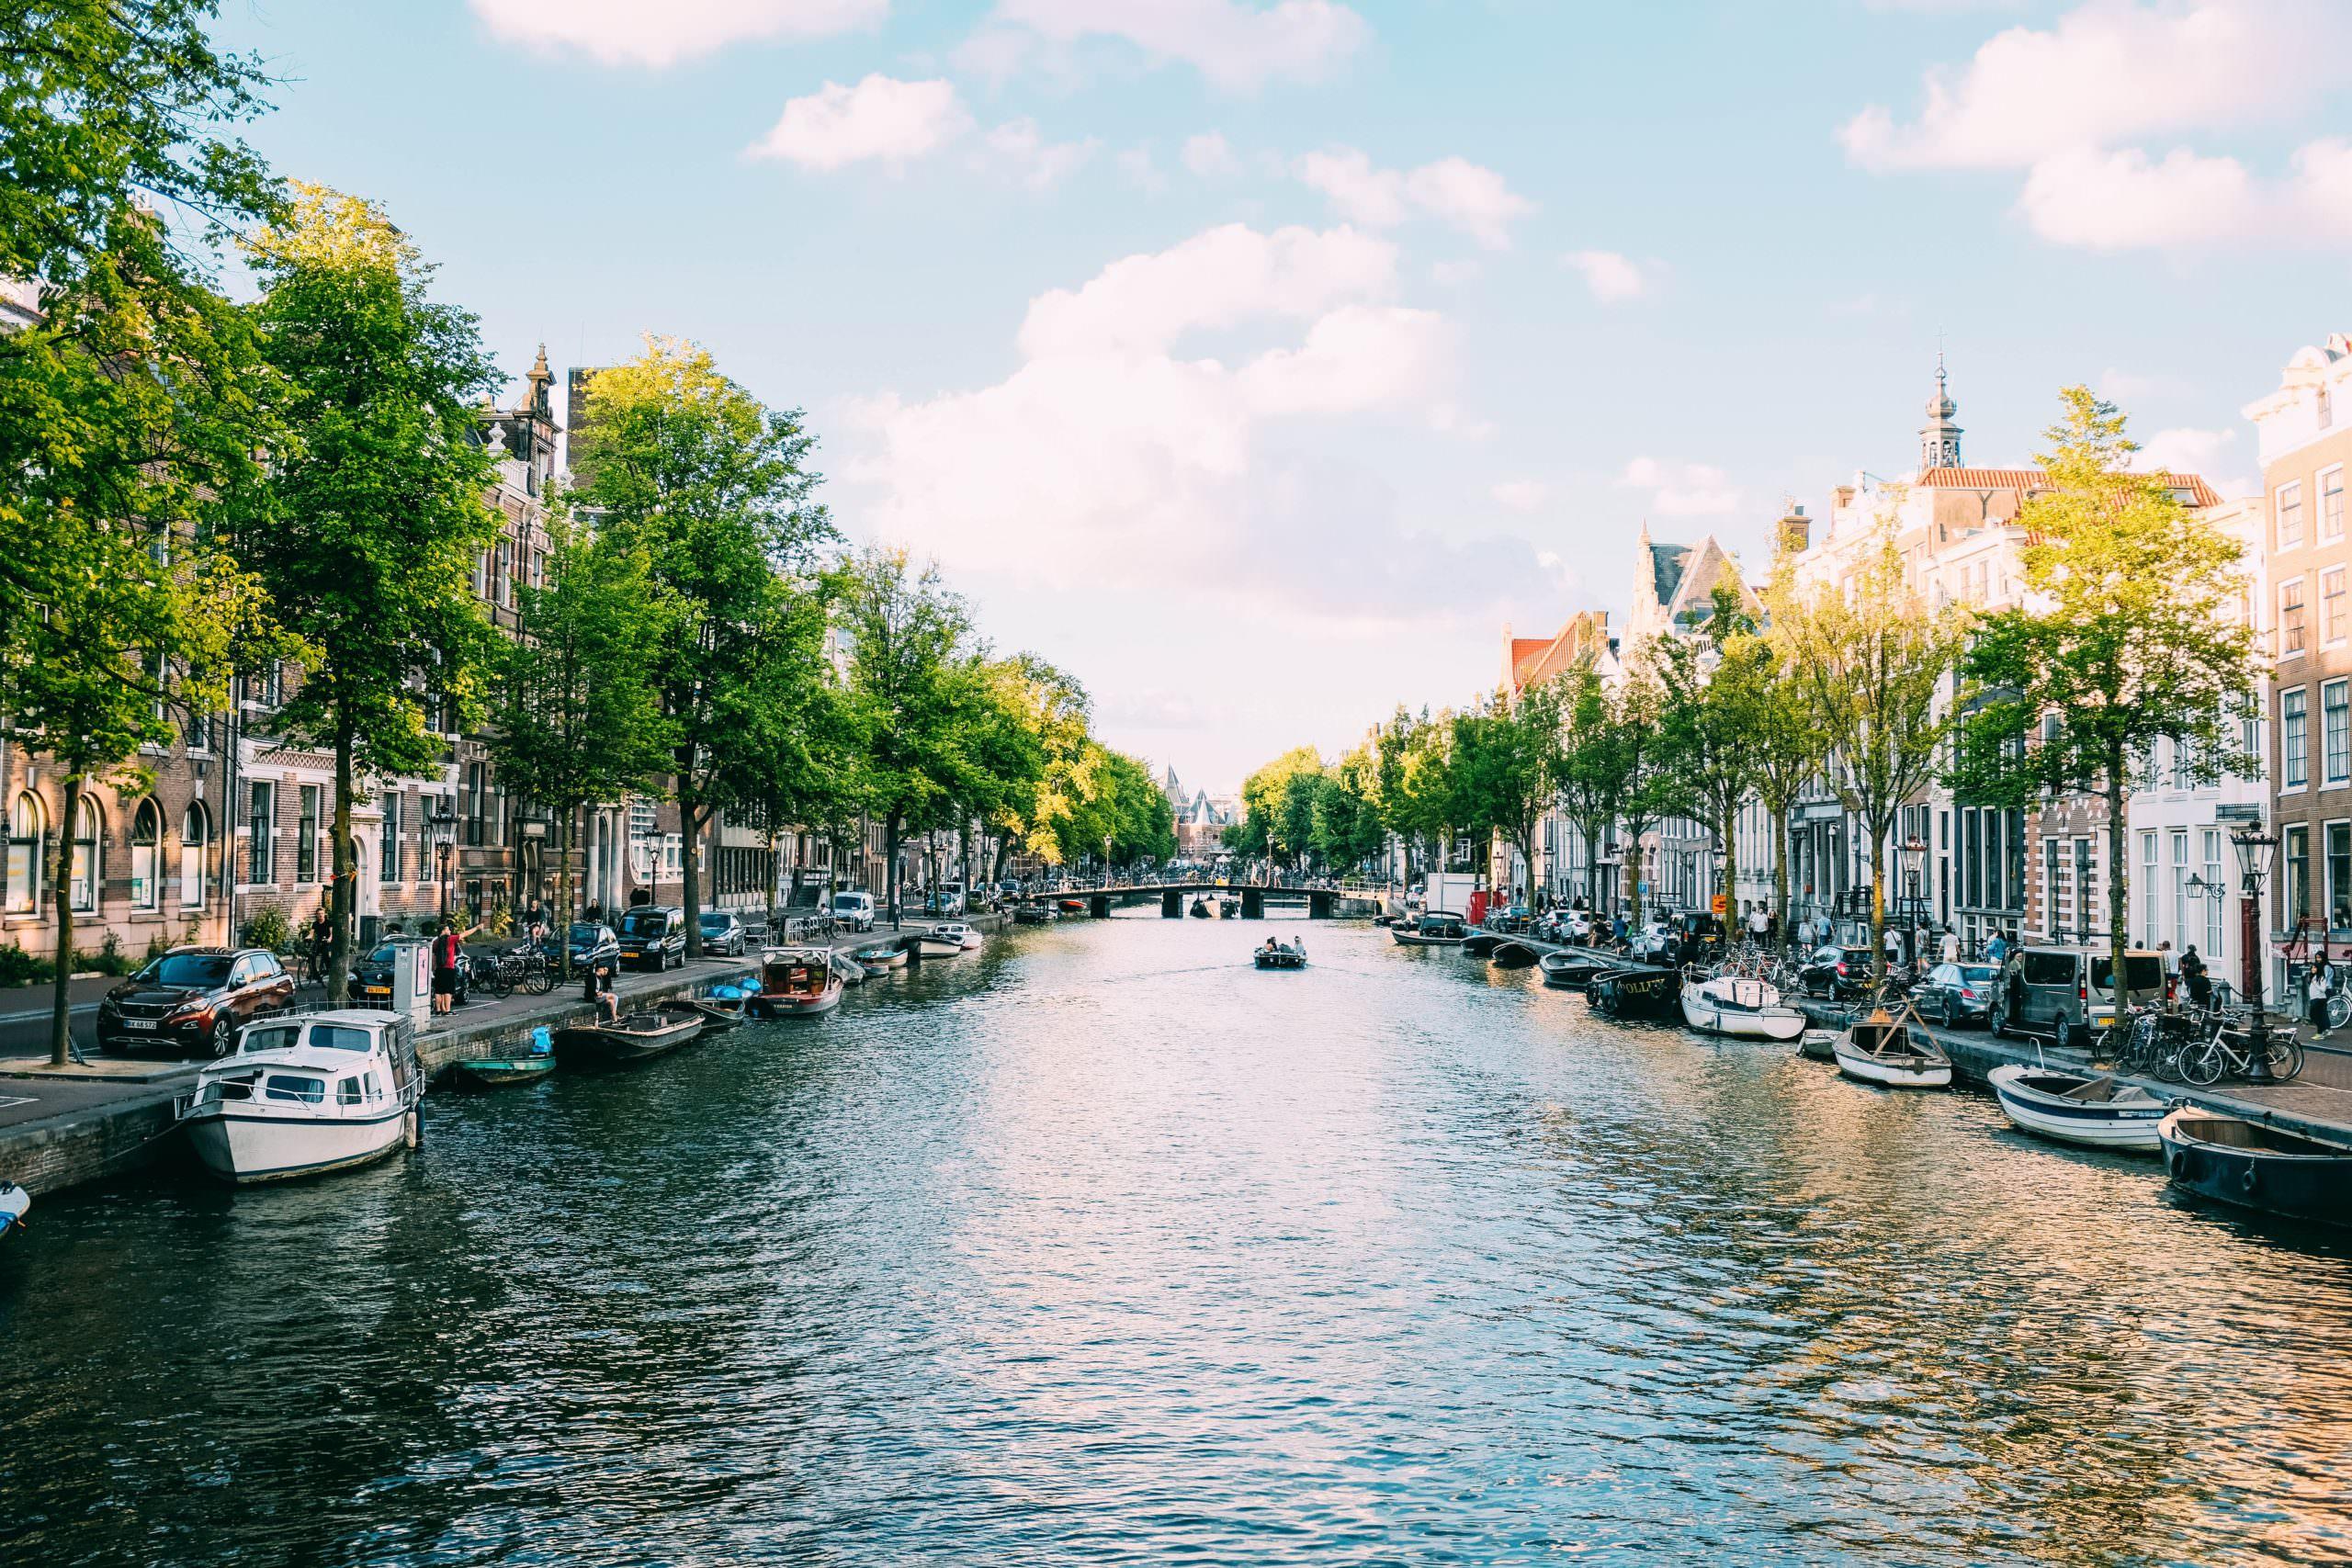 أفضل المعالم السياحية التي يجب زيارتها في أمستردام